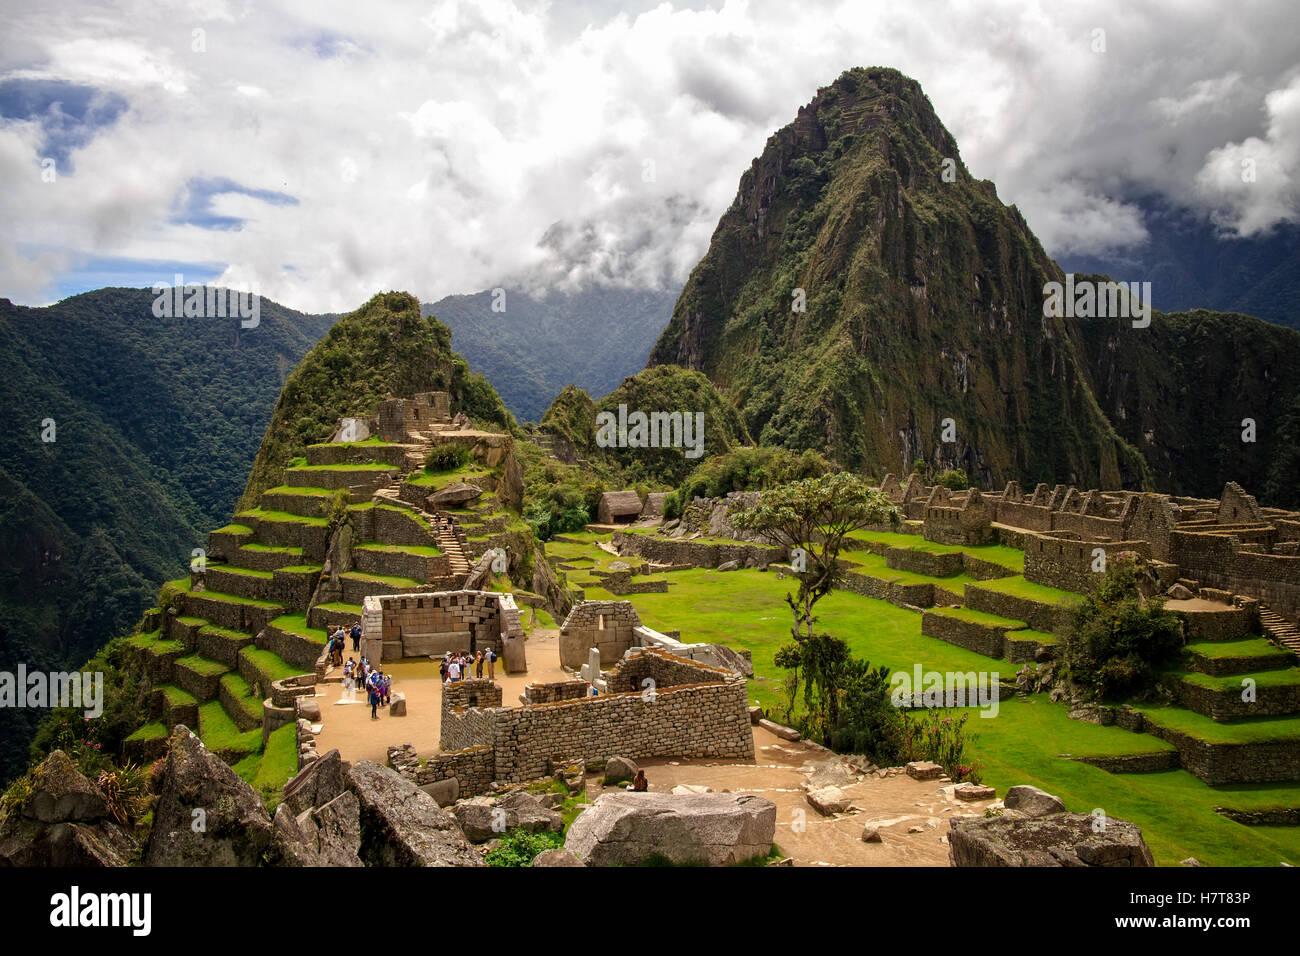 Rovine di Machu Picchu, Perù Immagini Stock